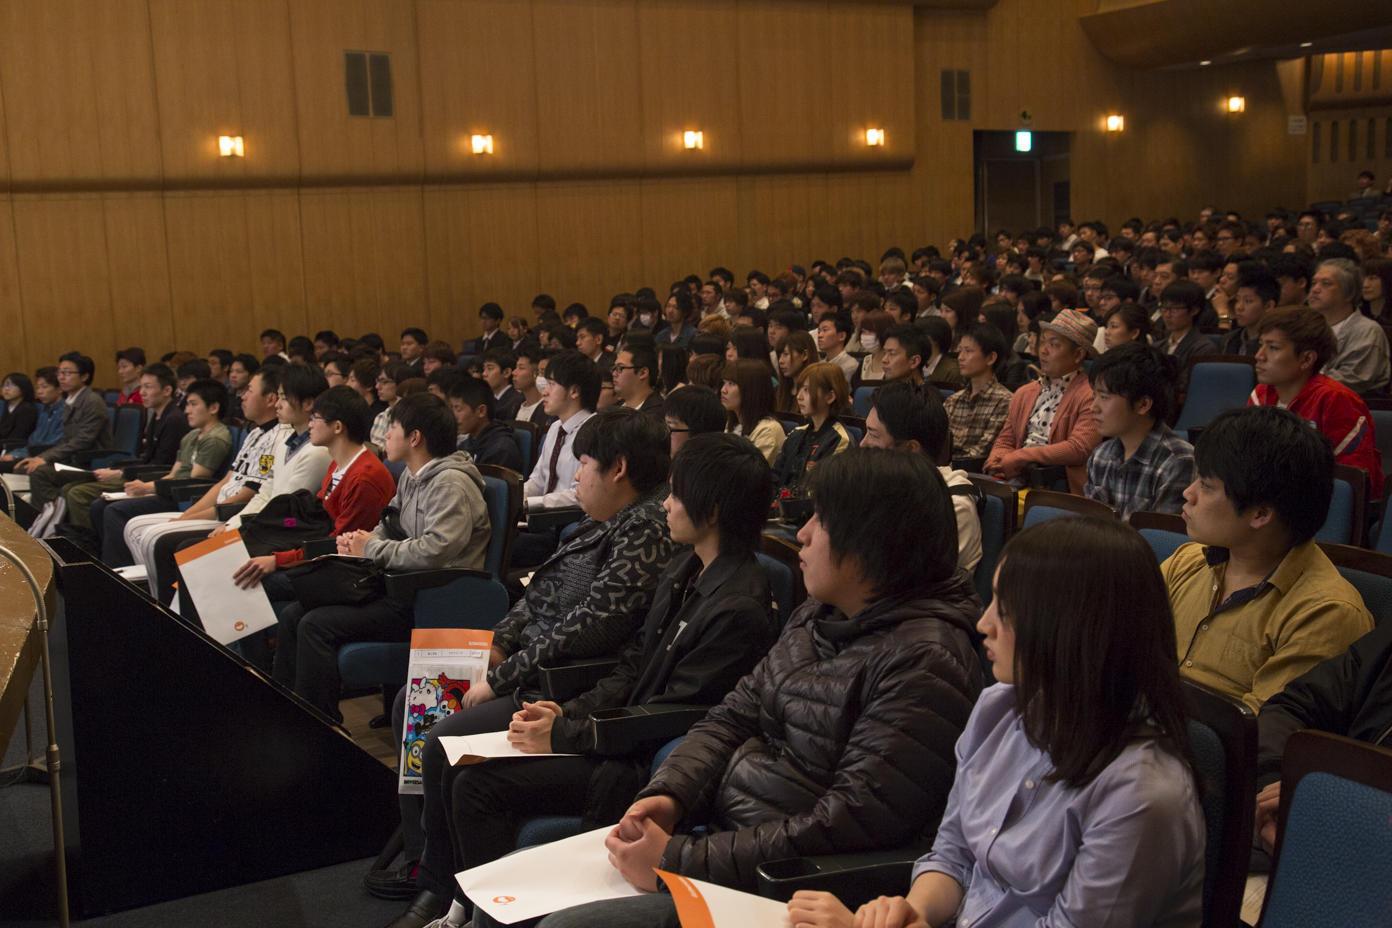 http://news.yoshimoto.co.jp/20170417193918-58414c5c1de01ac25df45ec71526c752c790aab7.jpg